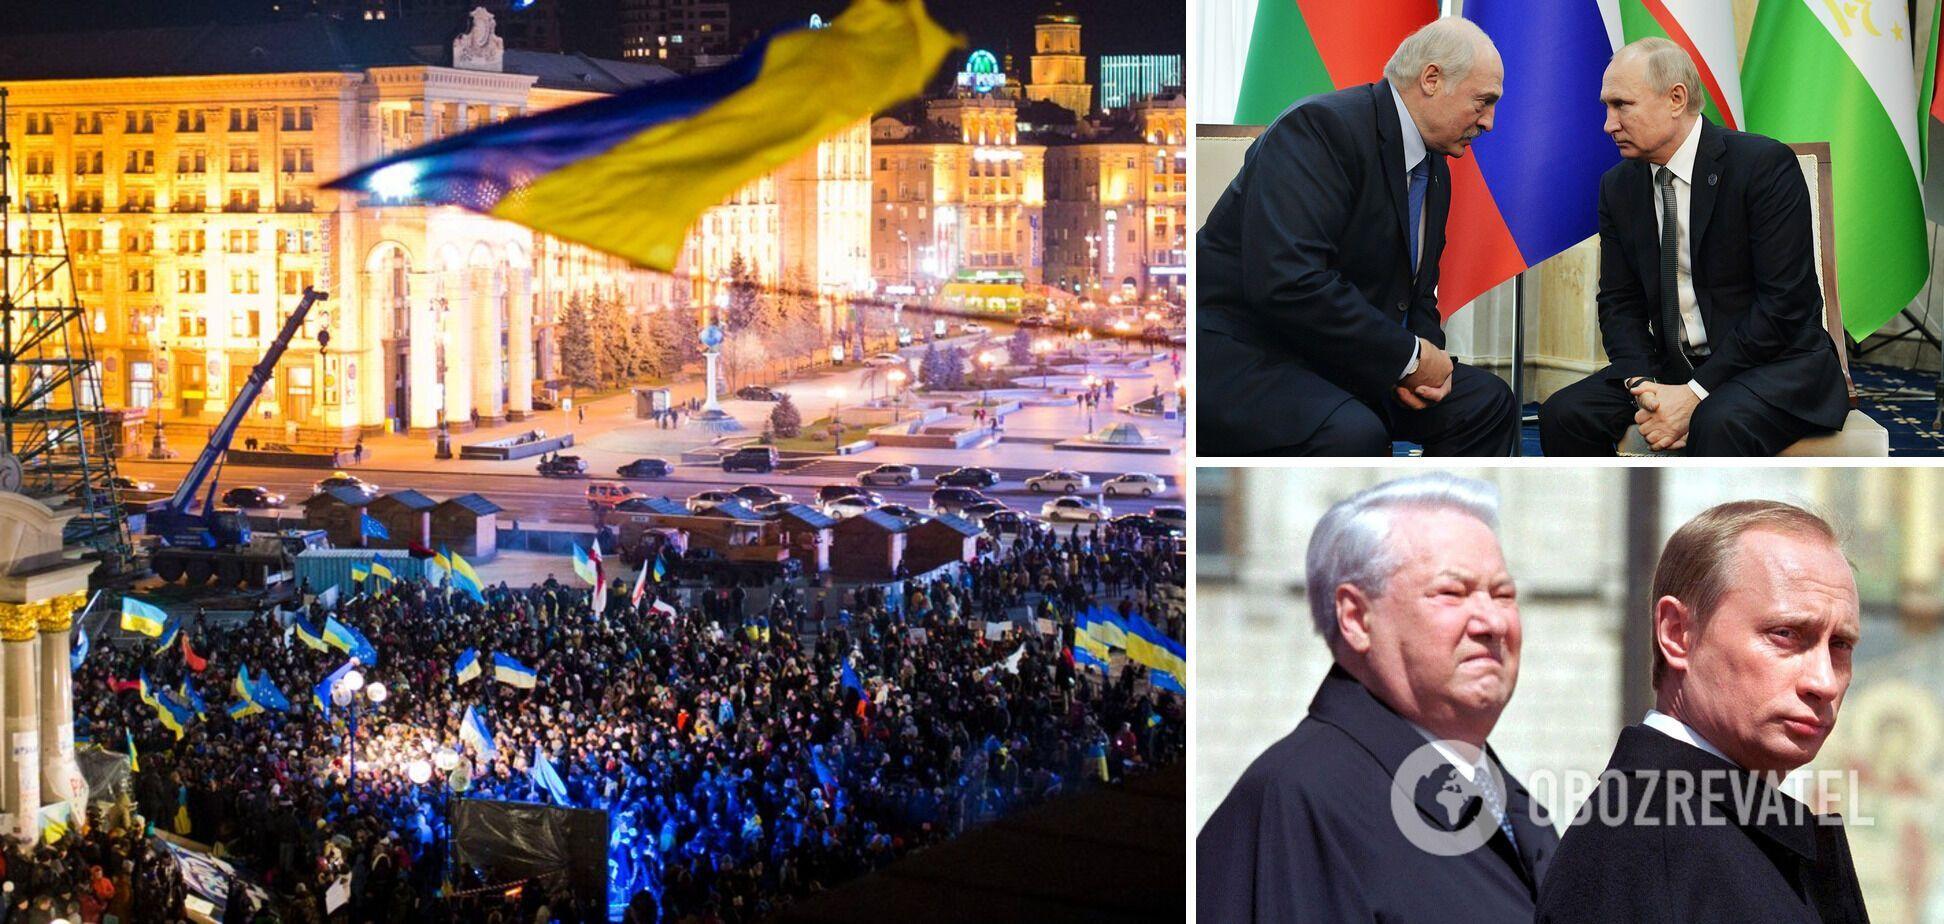 Союз наследников, или Почему украинская демократия так раздражает Кремль